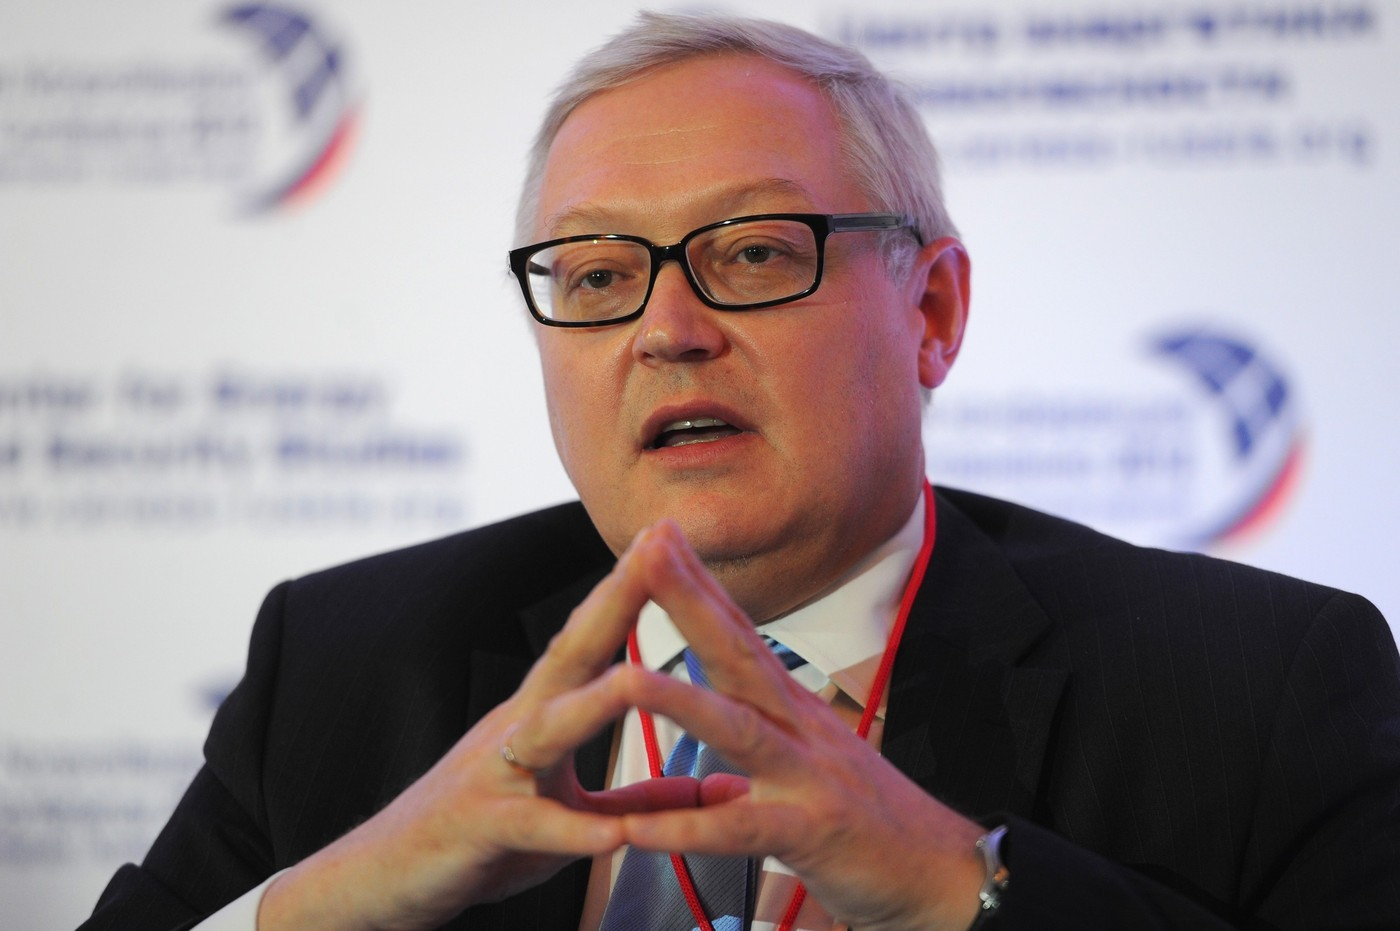 США призвали Россию квзаимному сокращению ядерного оружия